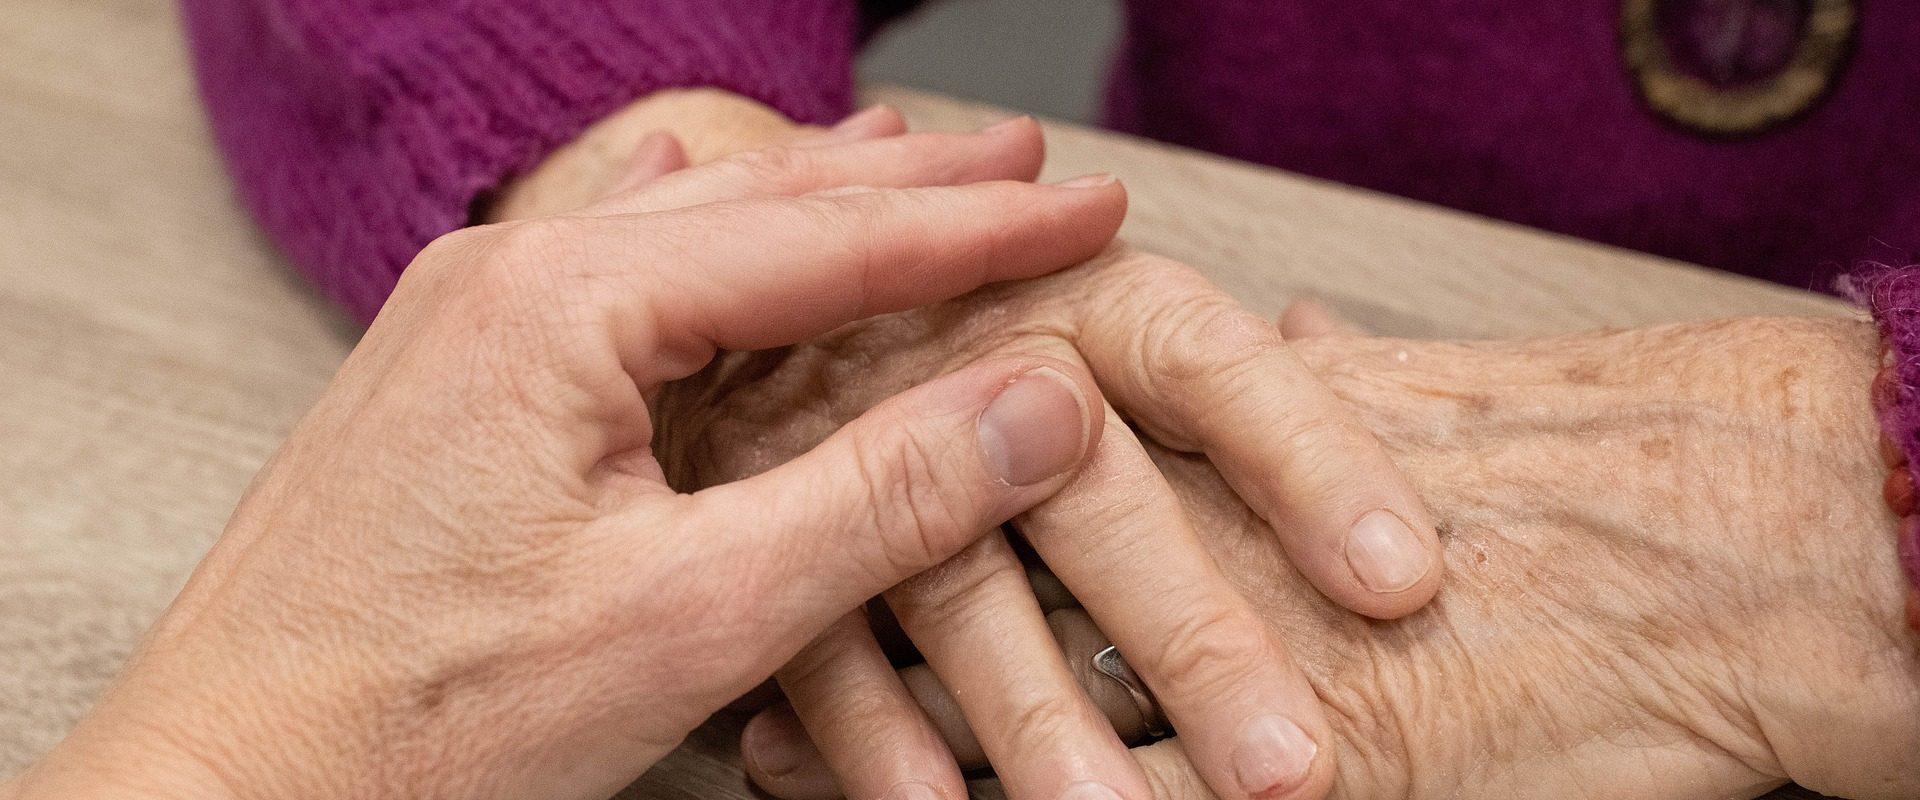 asociaciones de familiares de enfermos de Alzheimer